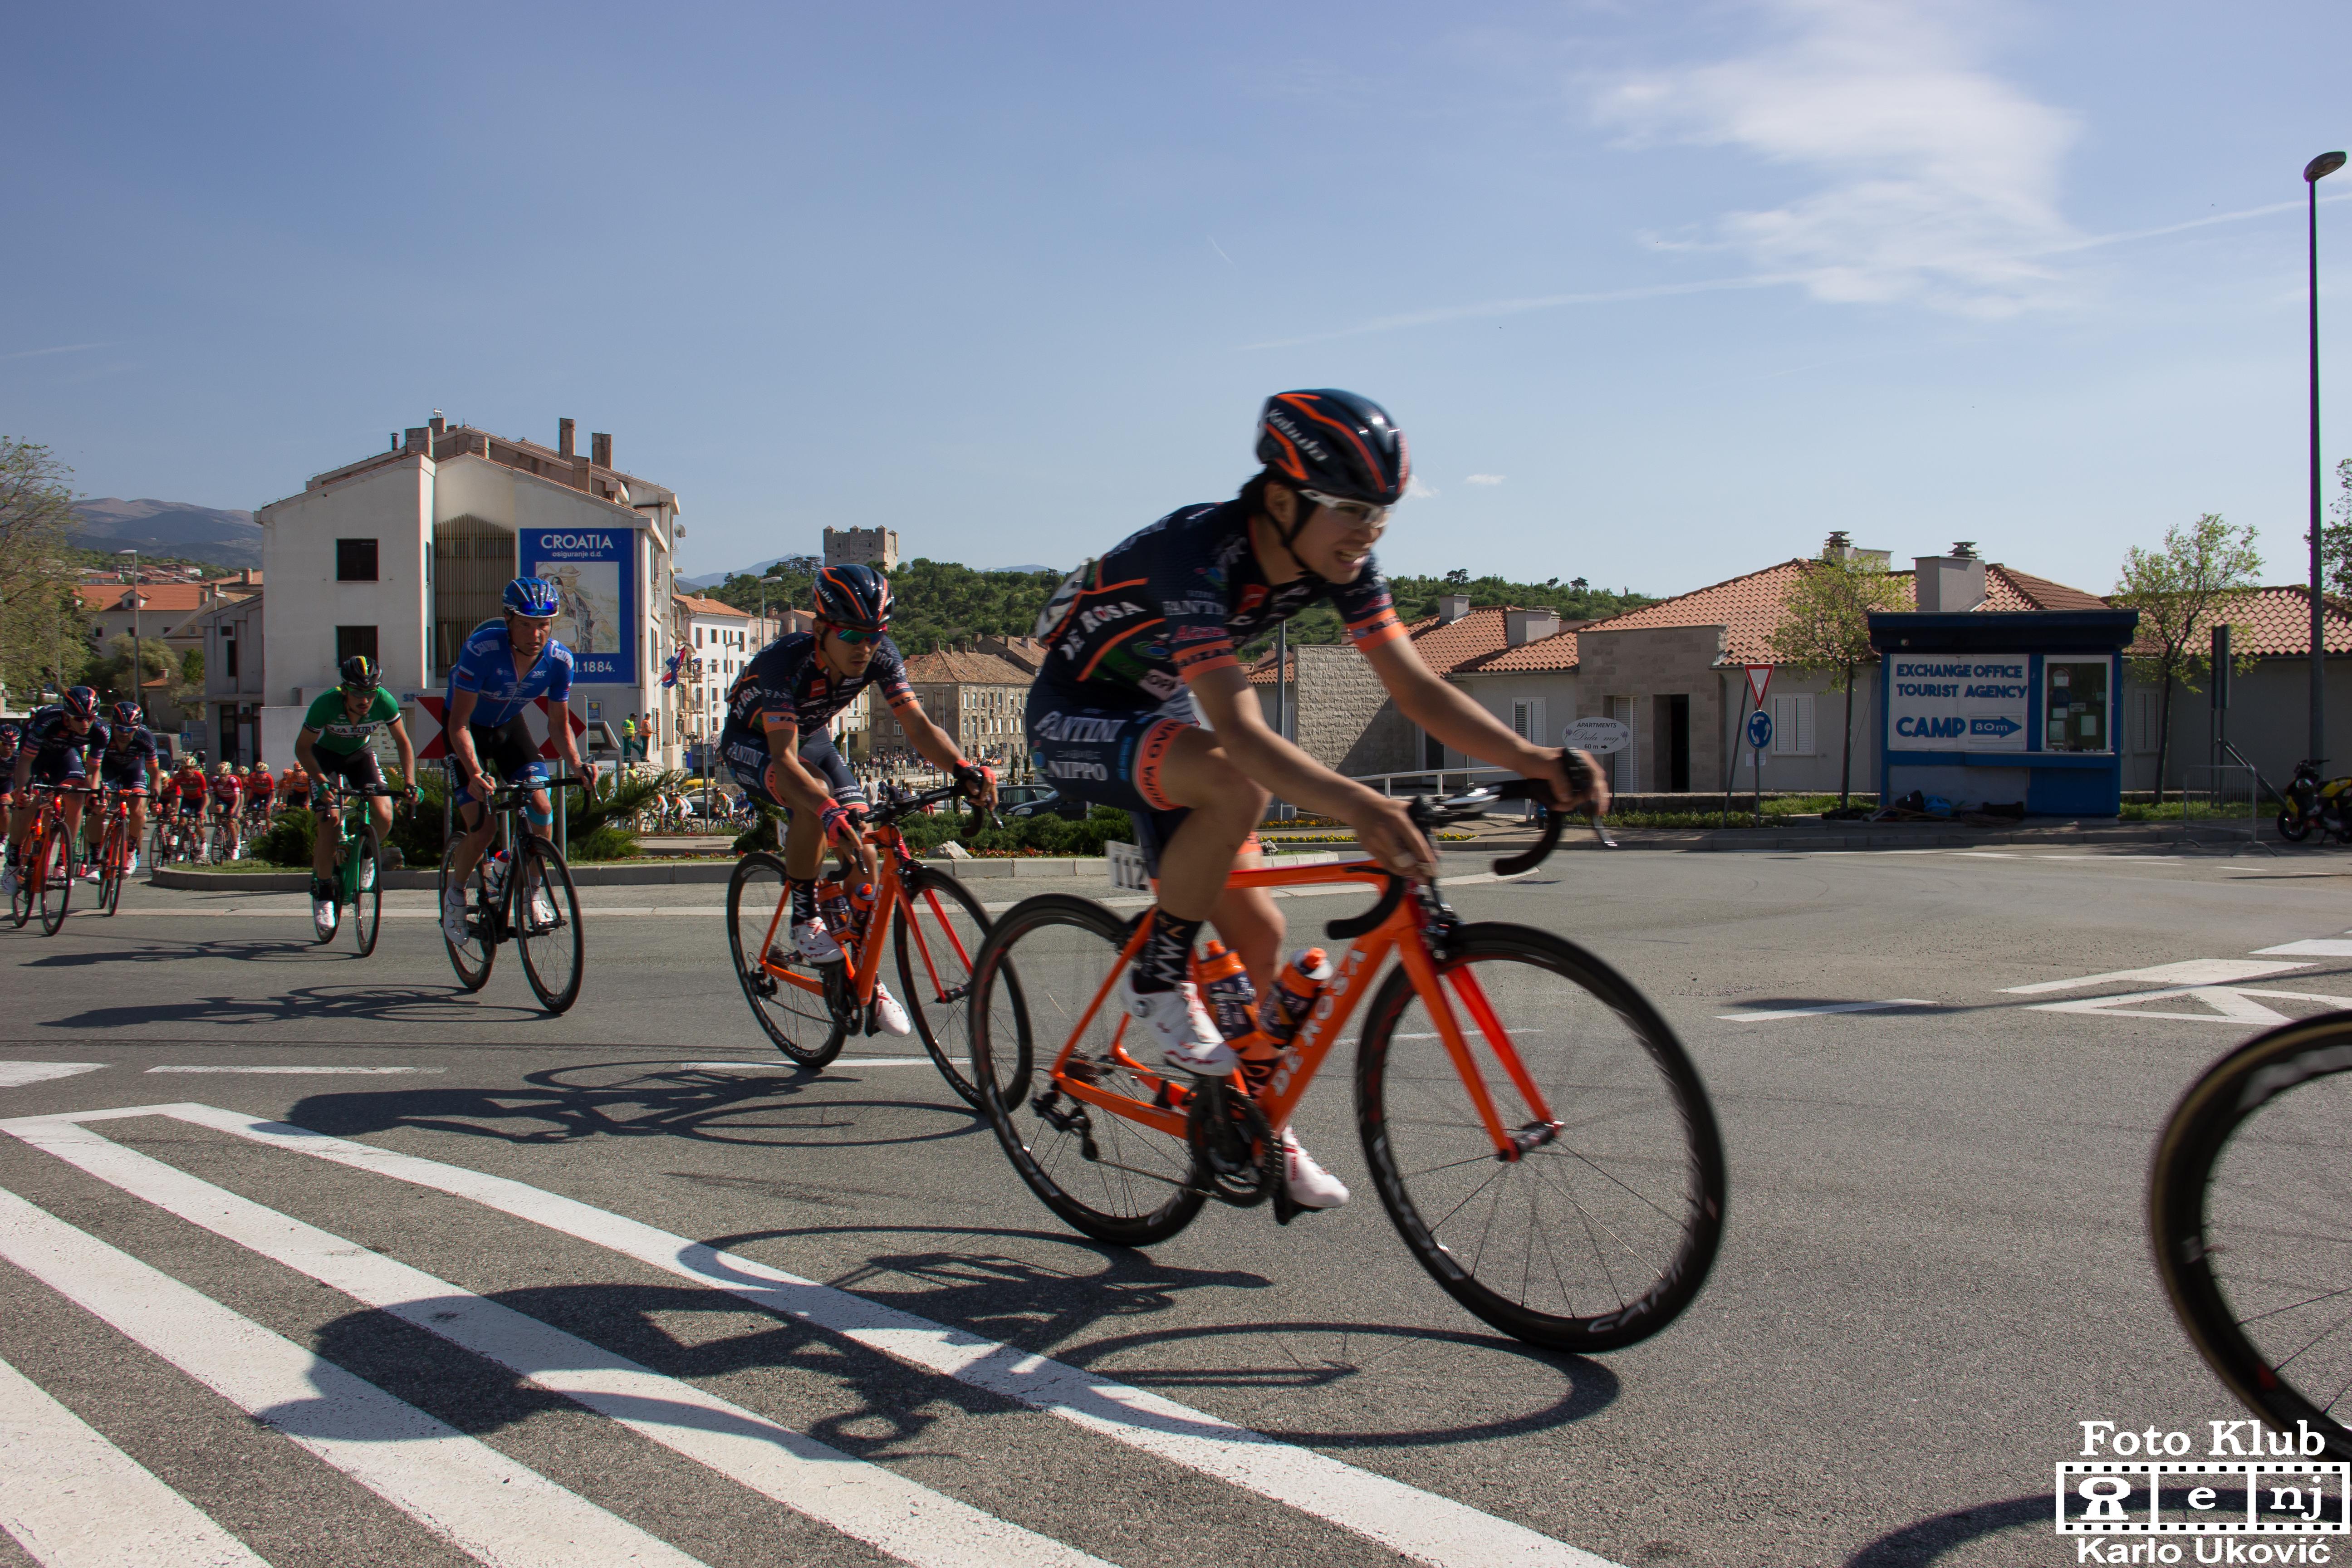 Tour of Croatia 4